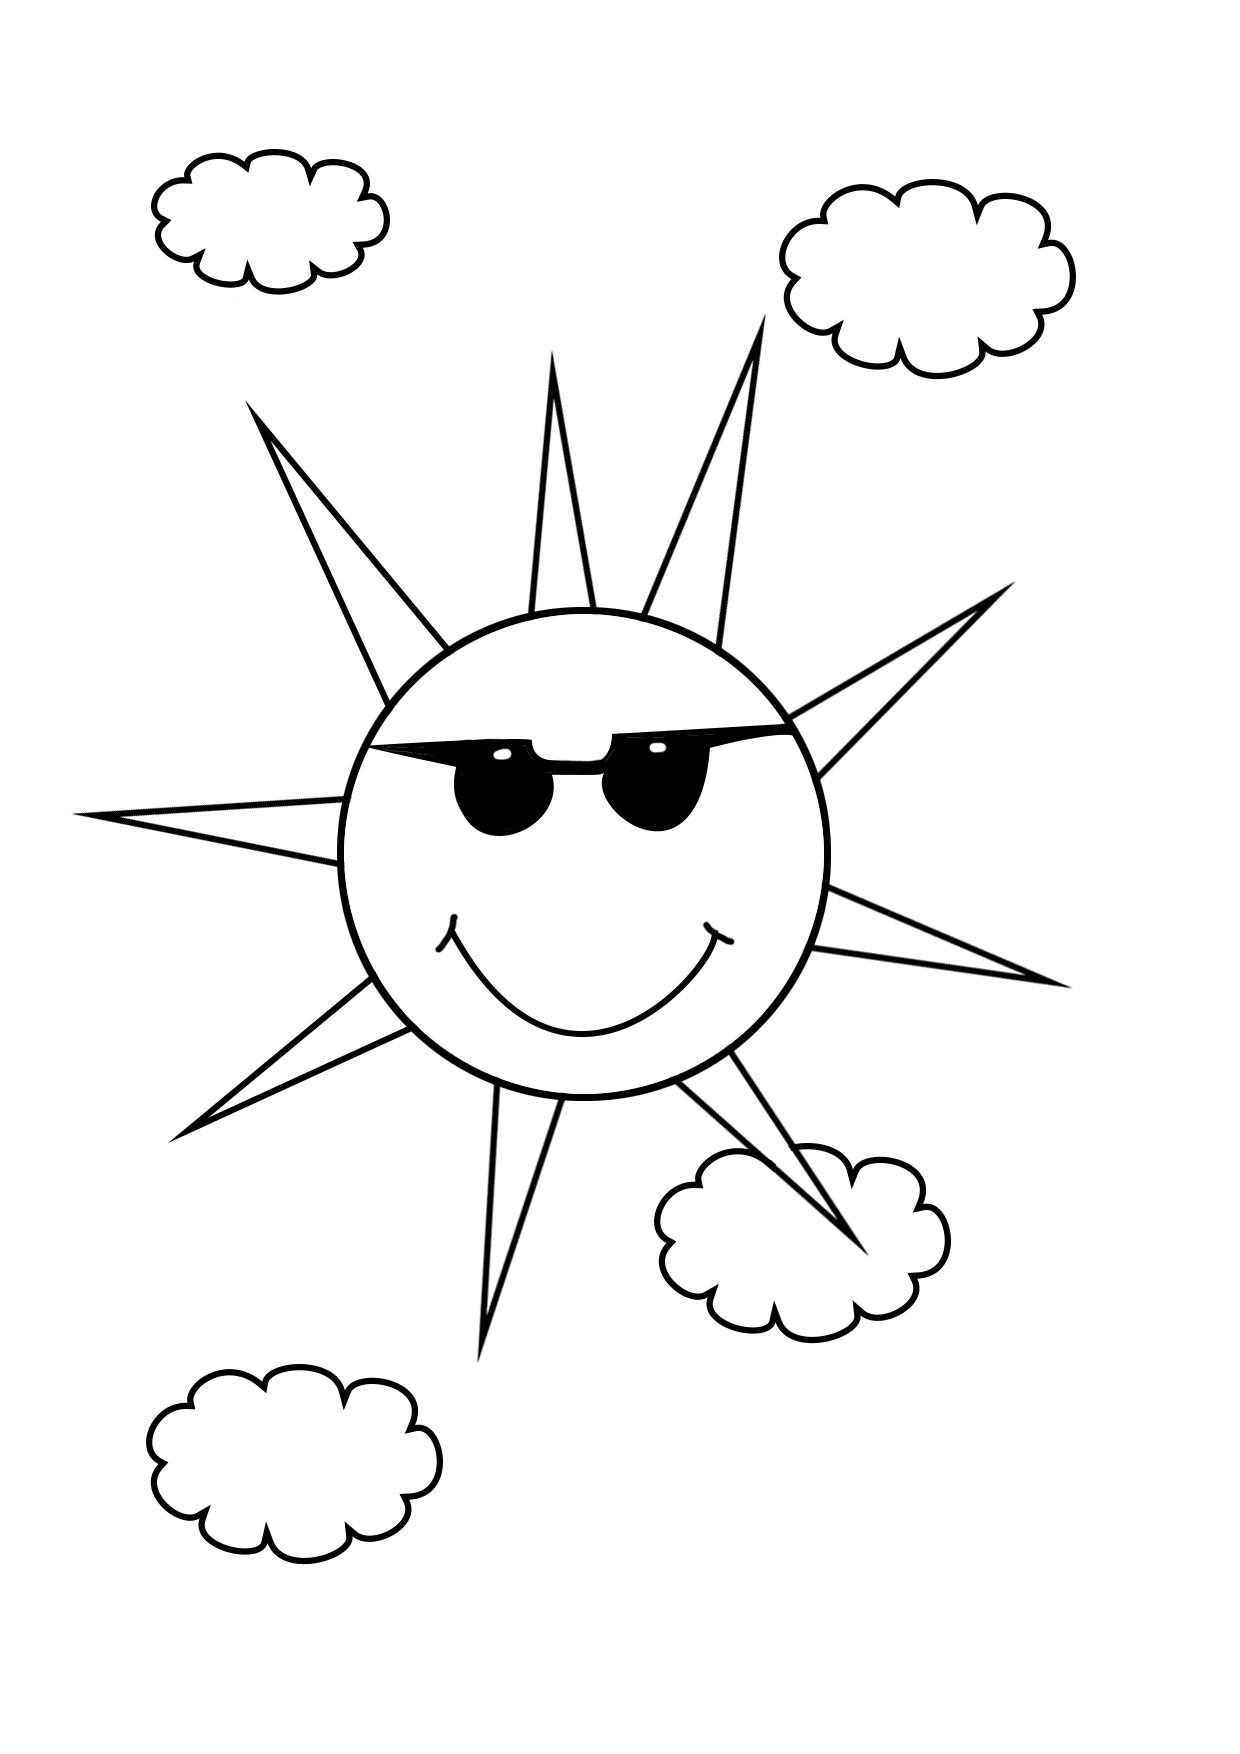 Раскраска солнышко улыбается с лучиками